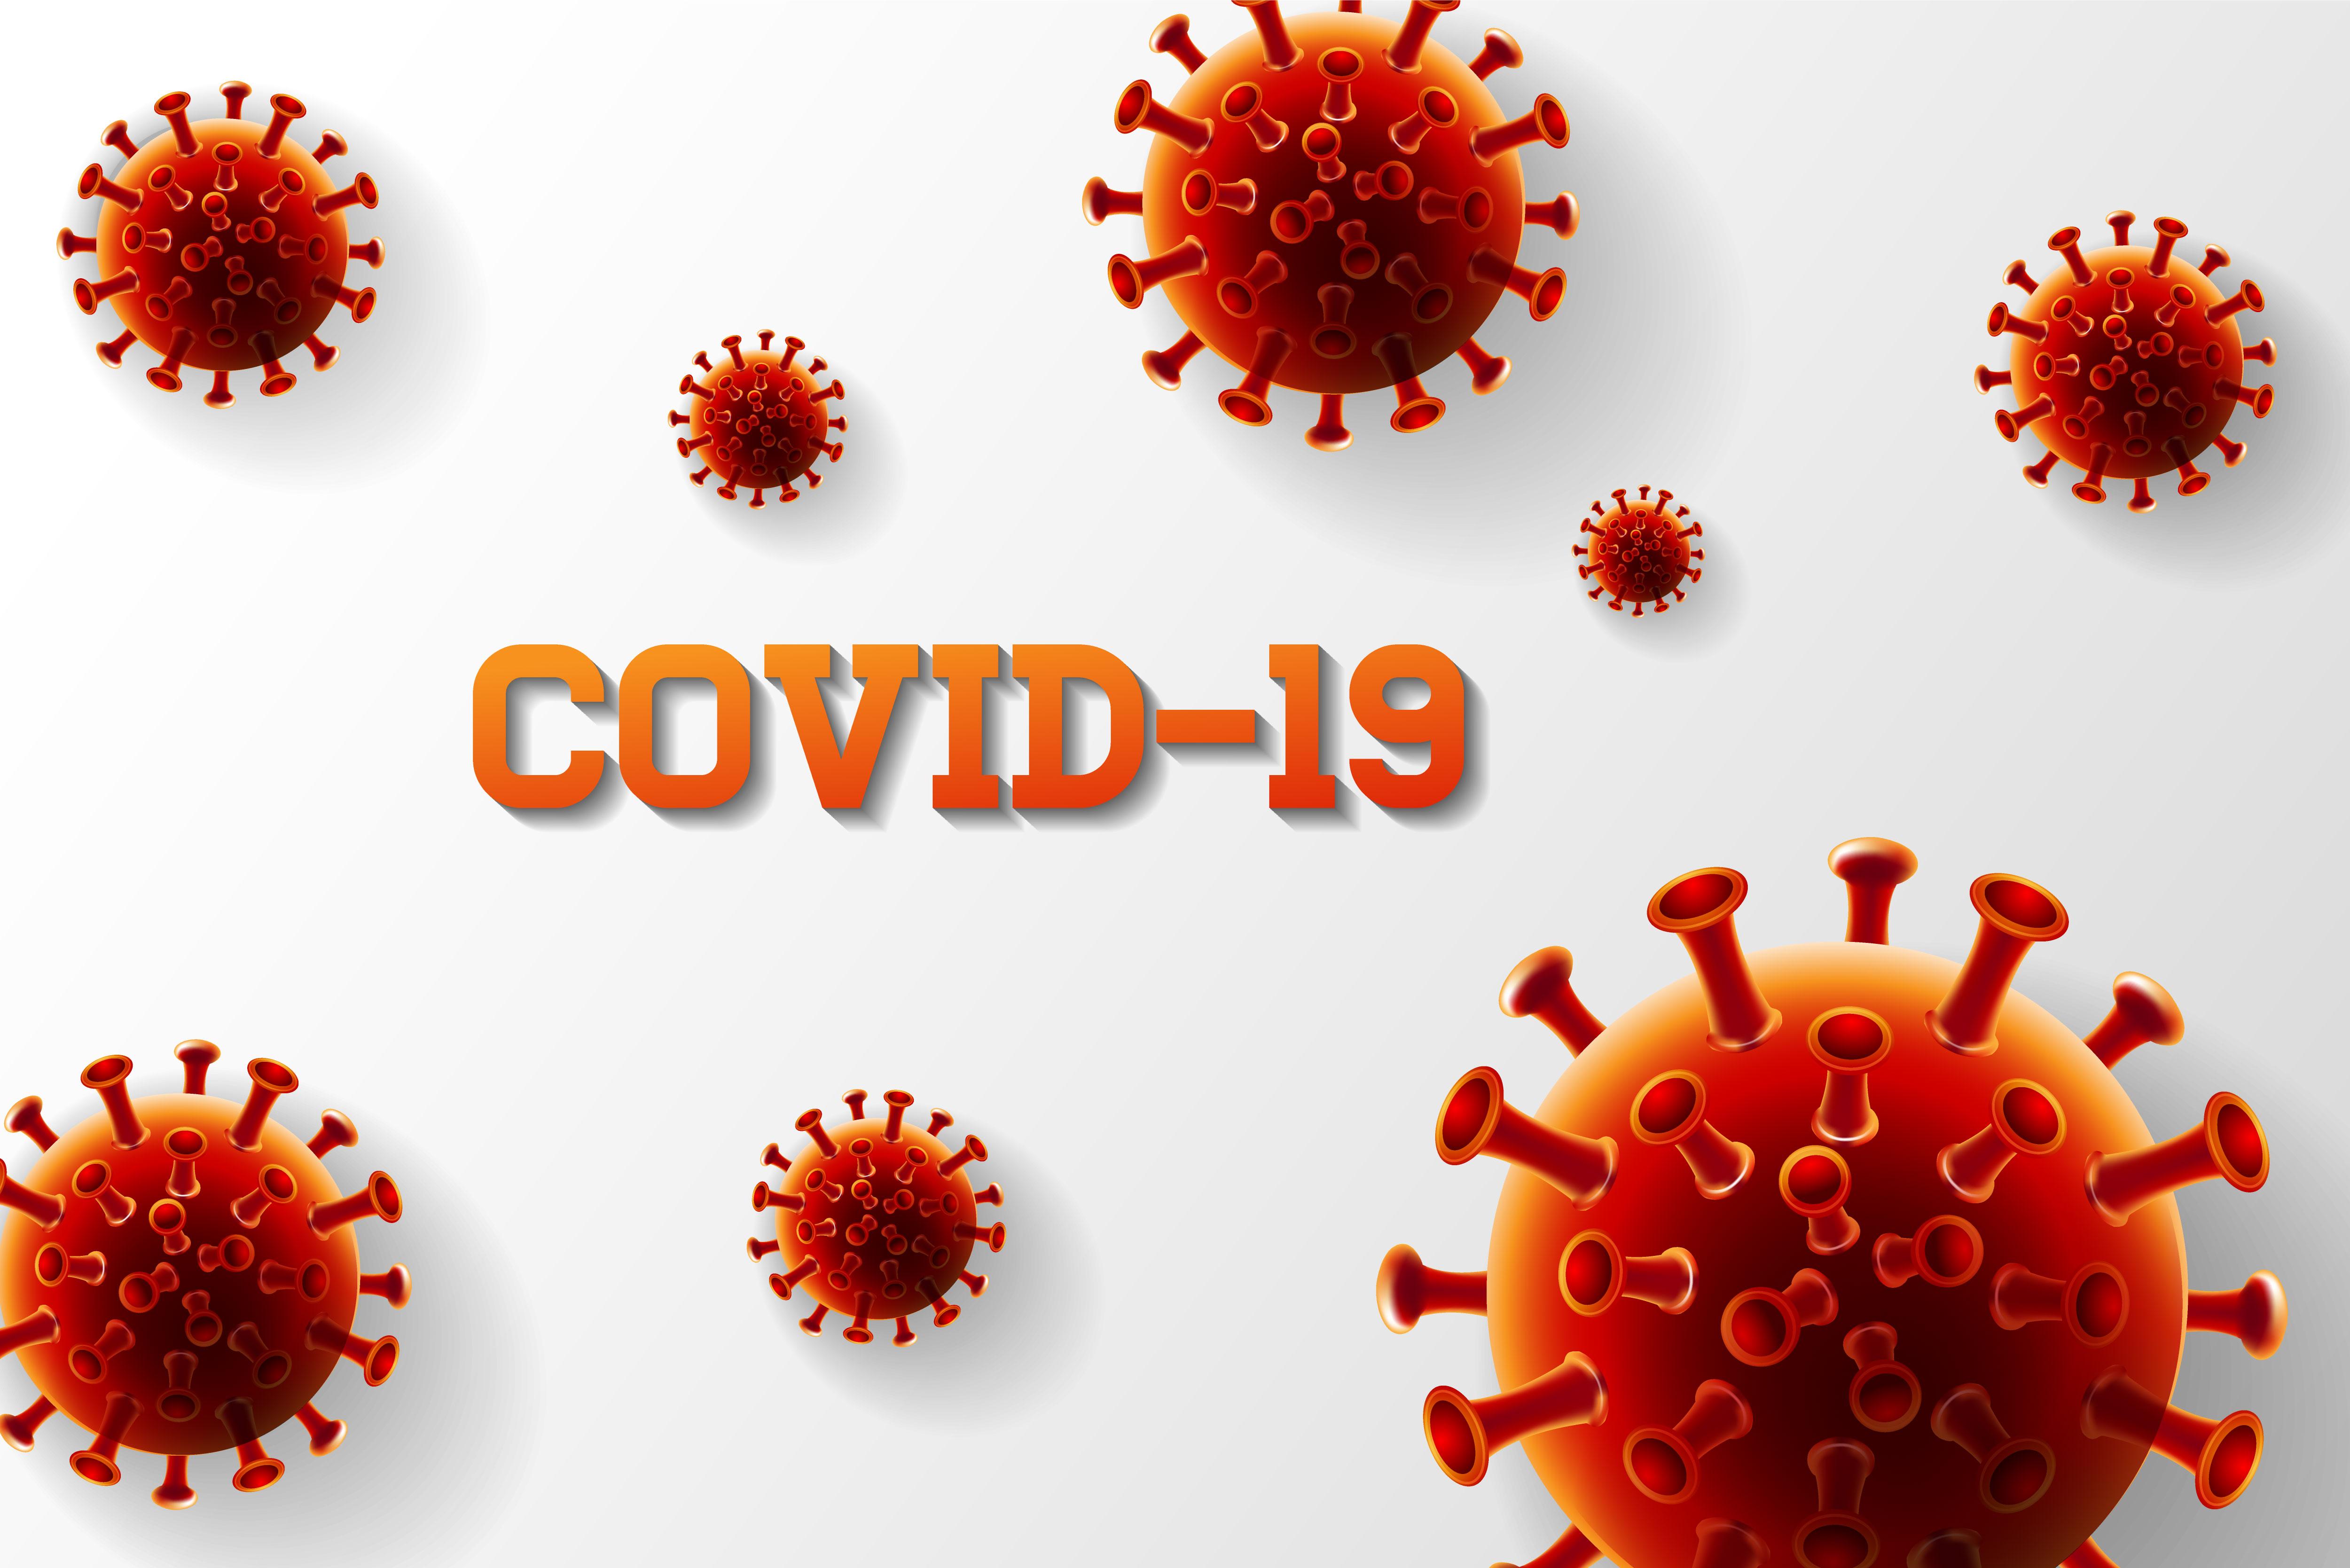 Covid-19: Es geht weiter! Aber...